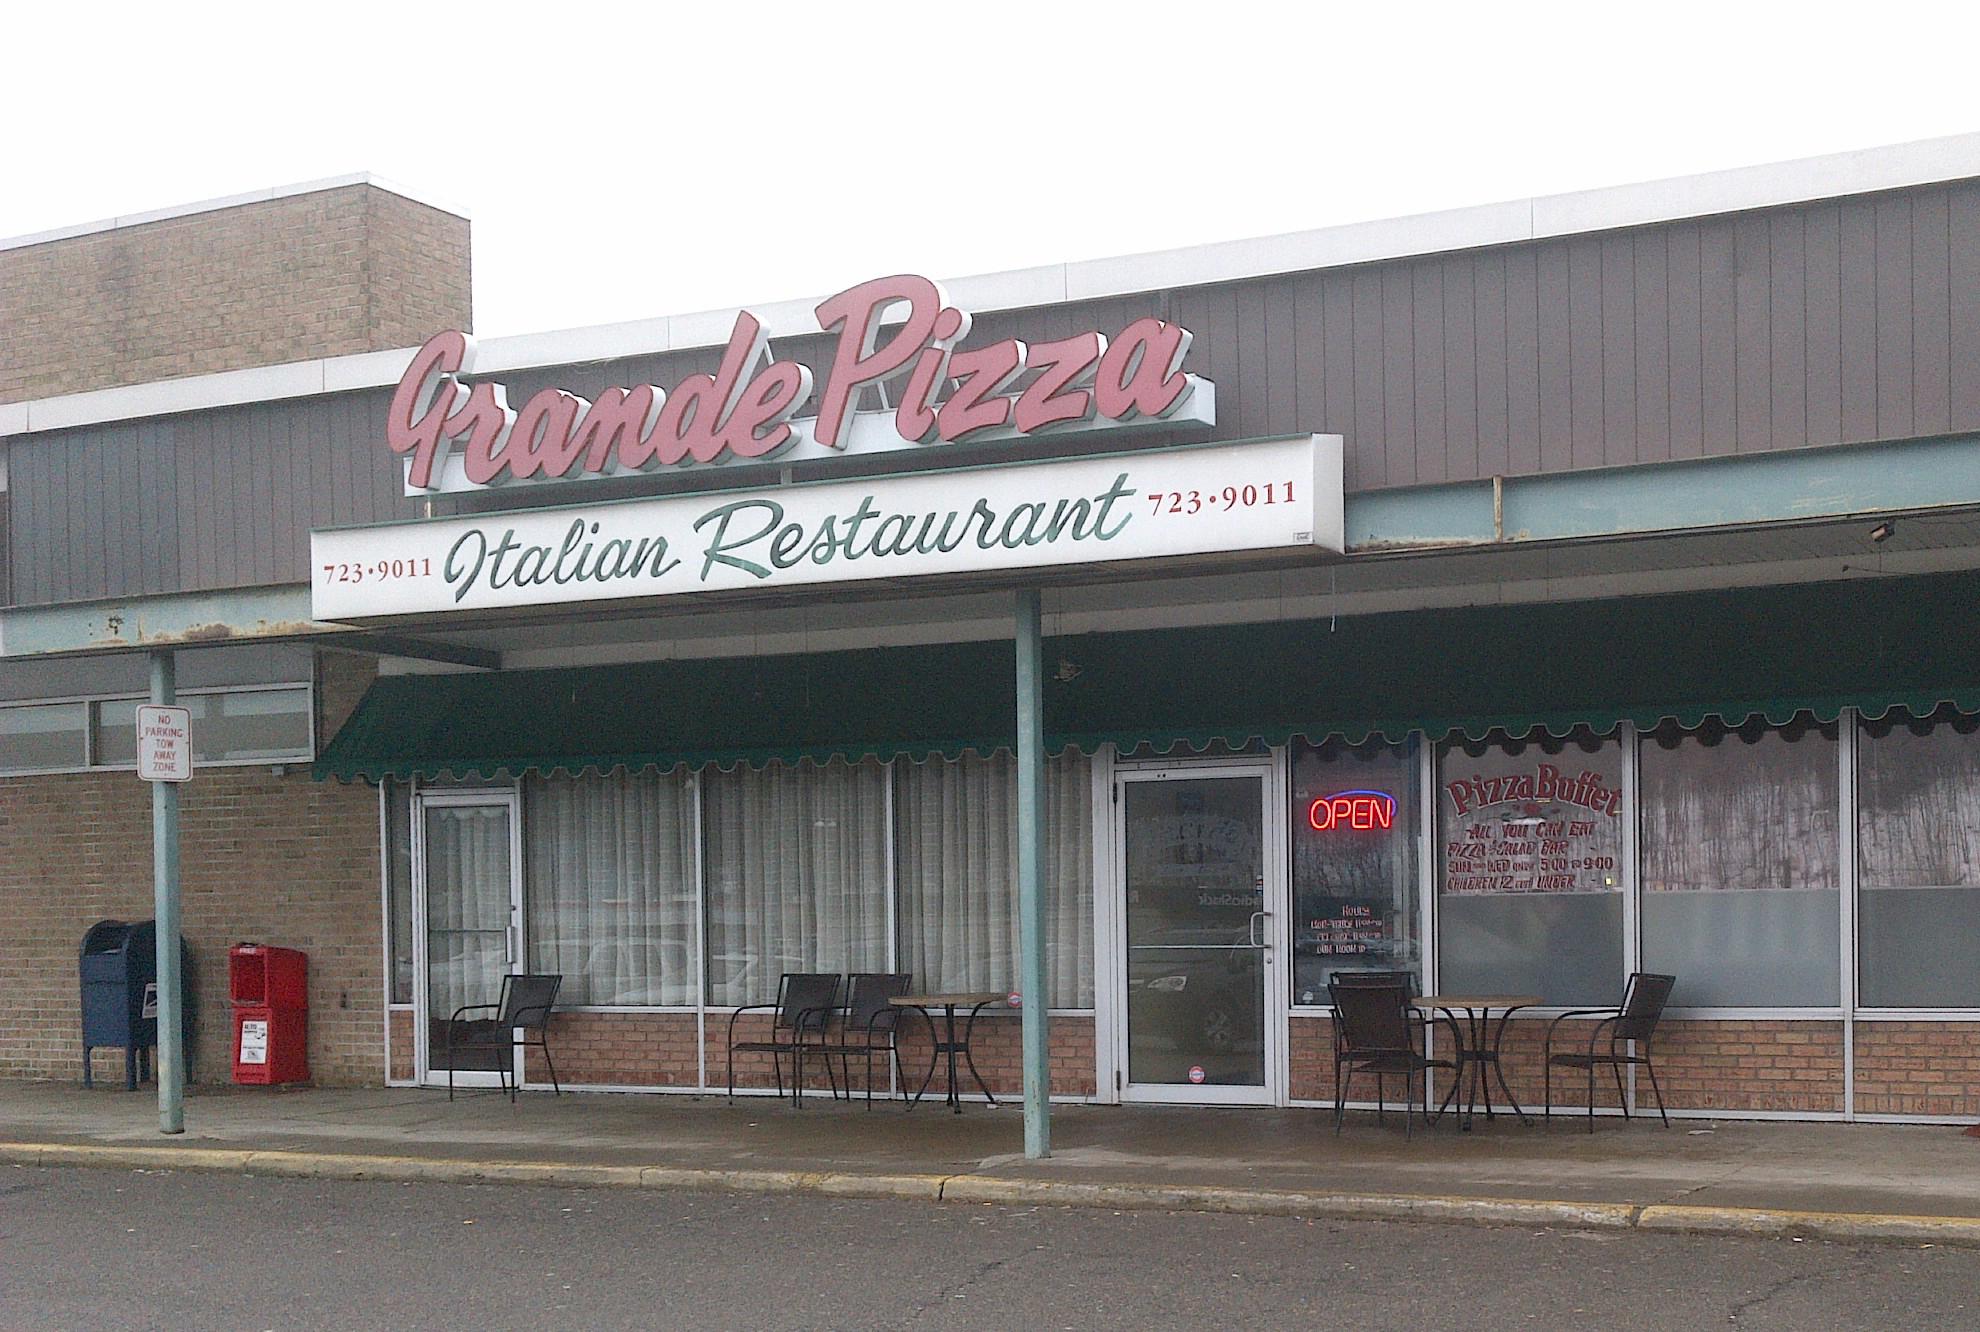 Grande Pizza Binghamton Ny Image